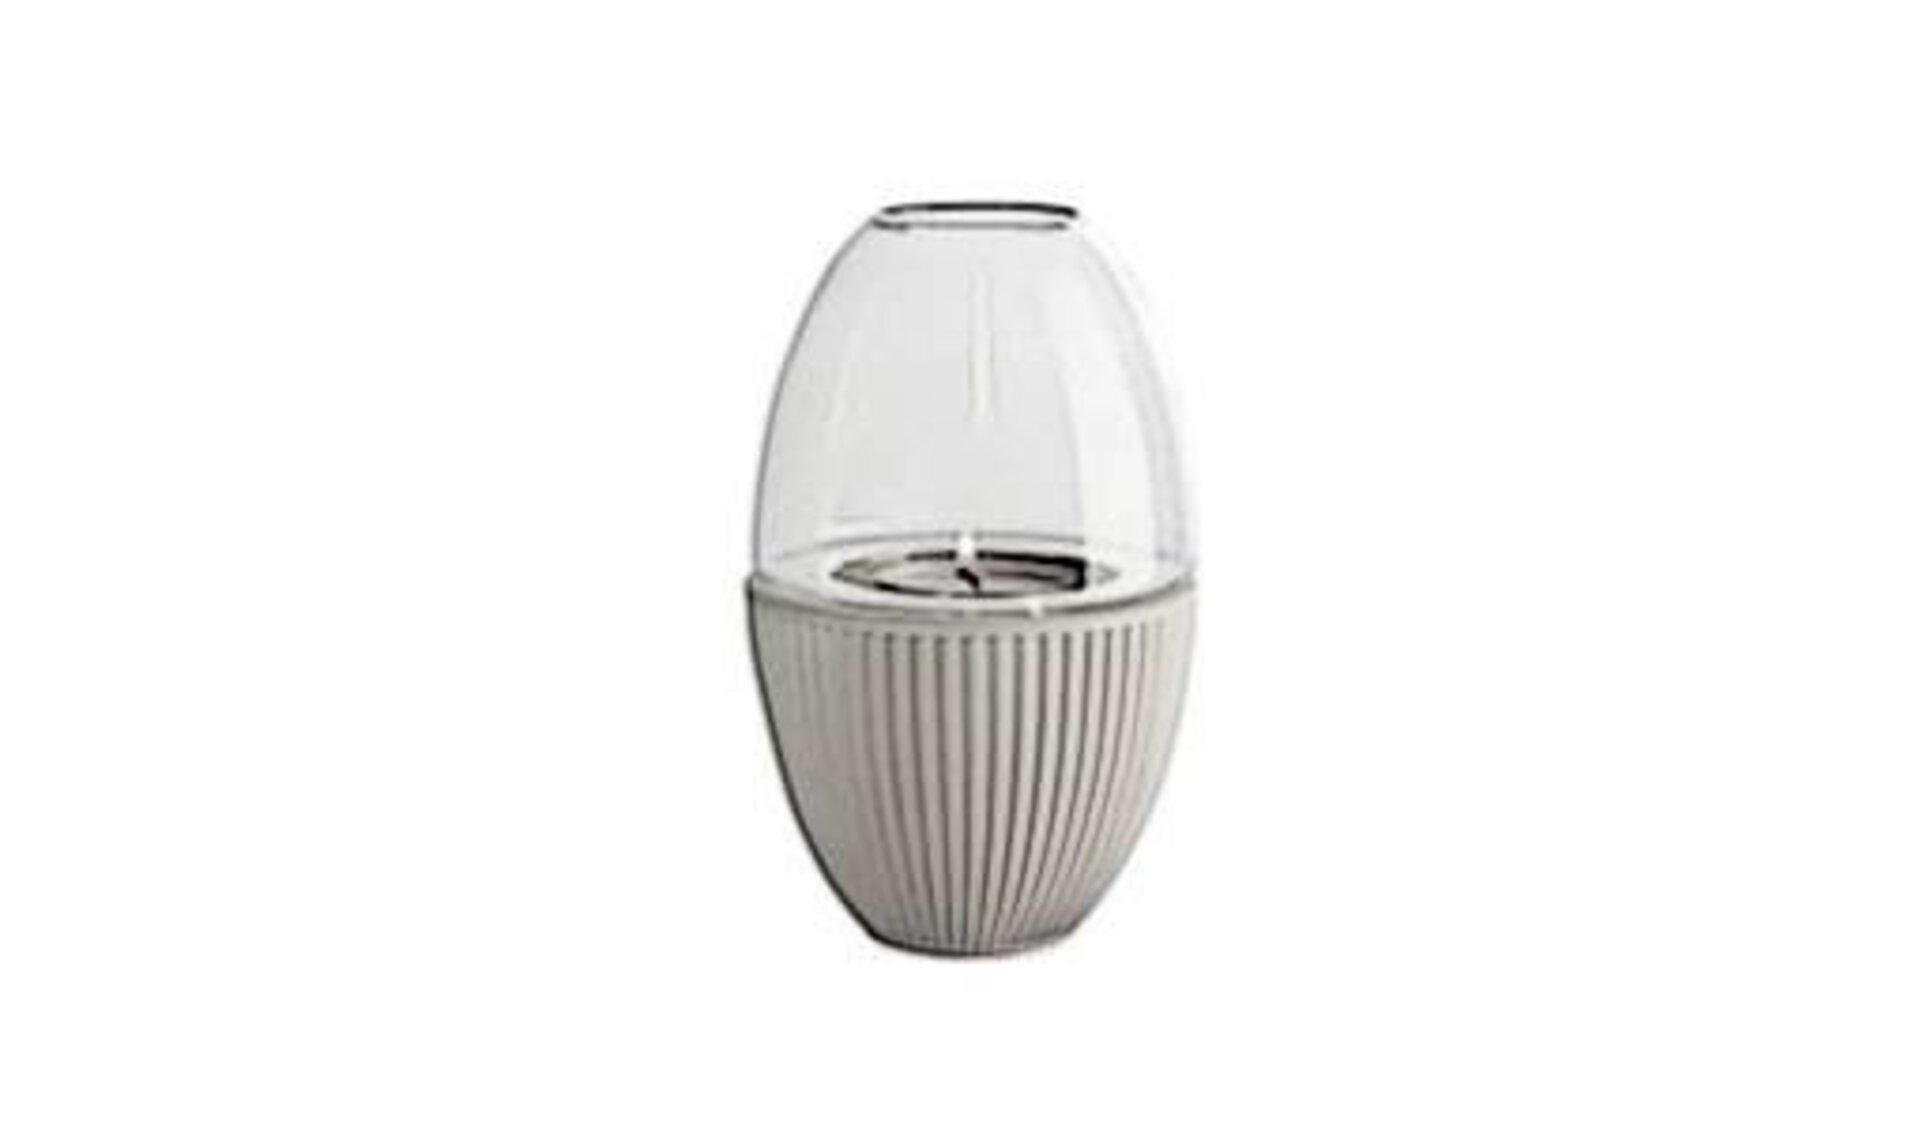 Modernes Windlicht aus hellem Rattan in der unteren Hälfte und Glaskörper im oberen Bereich als Icon für Laternen und Windlichter.